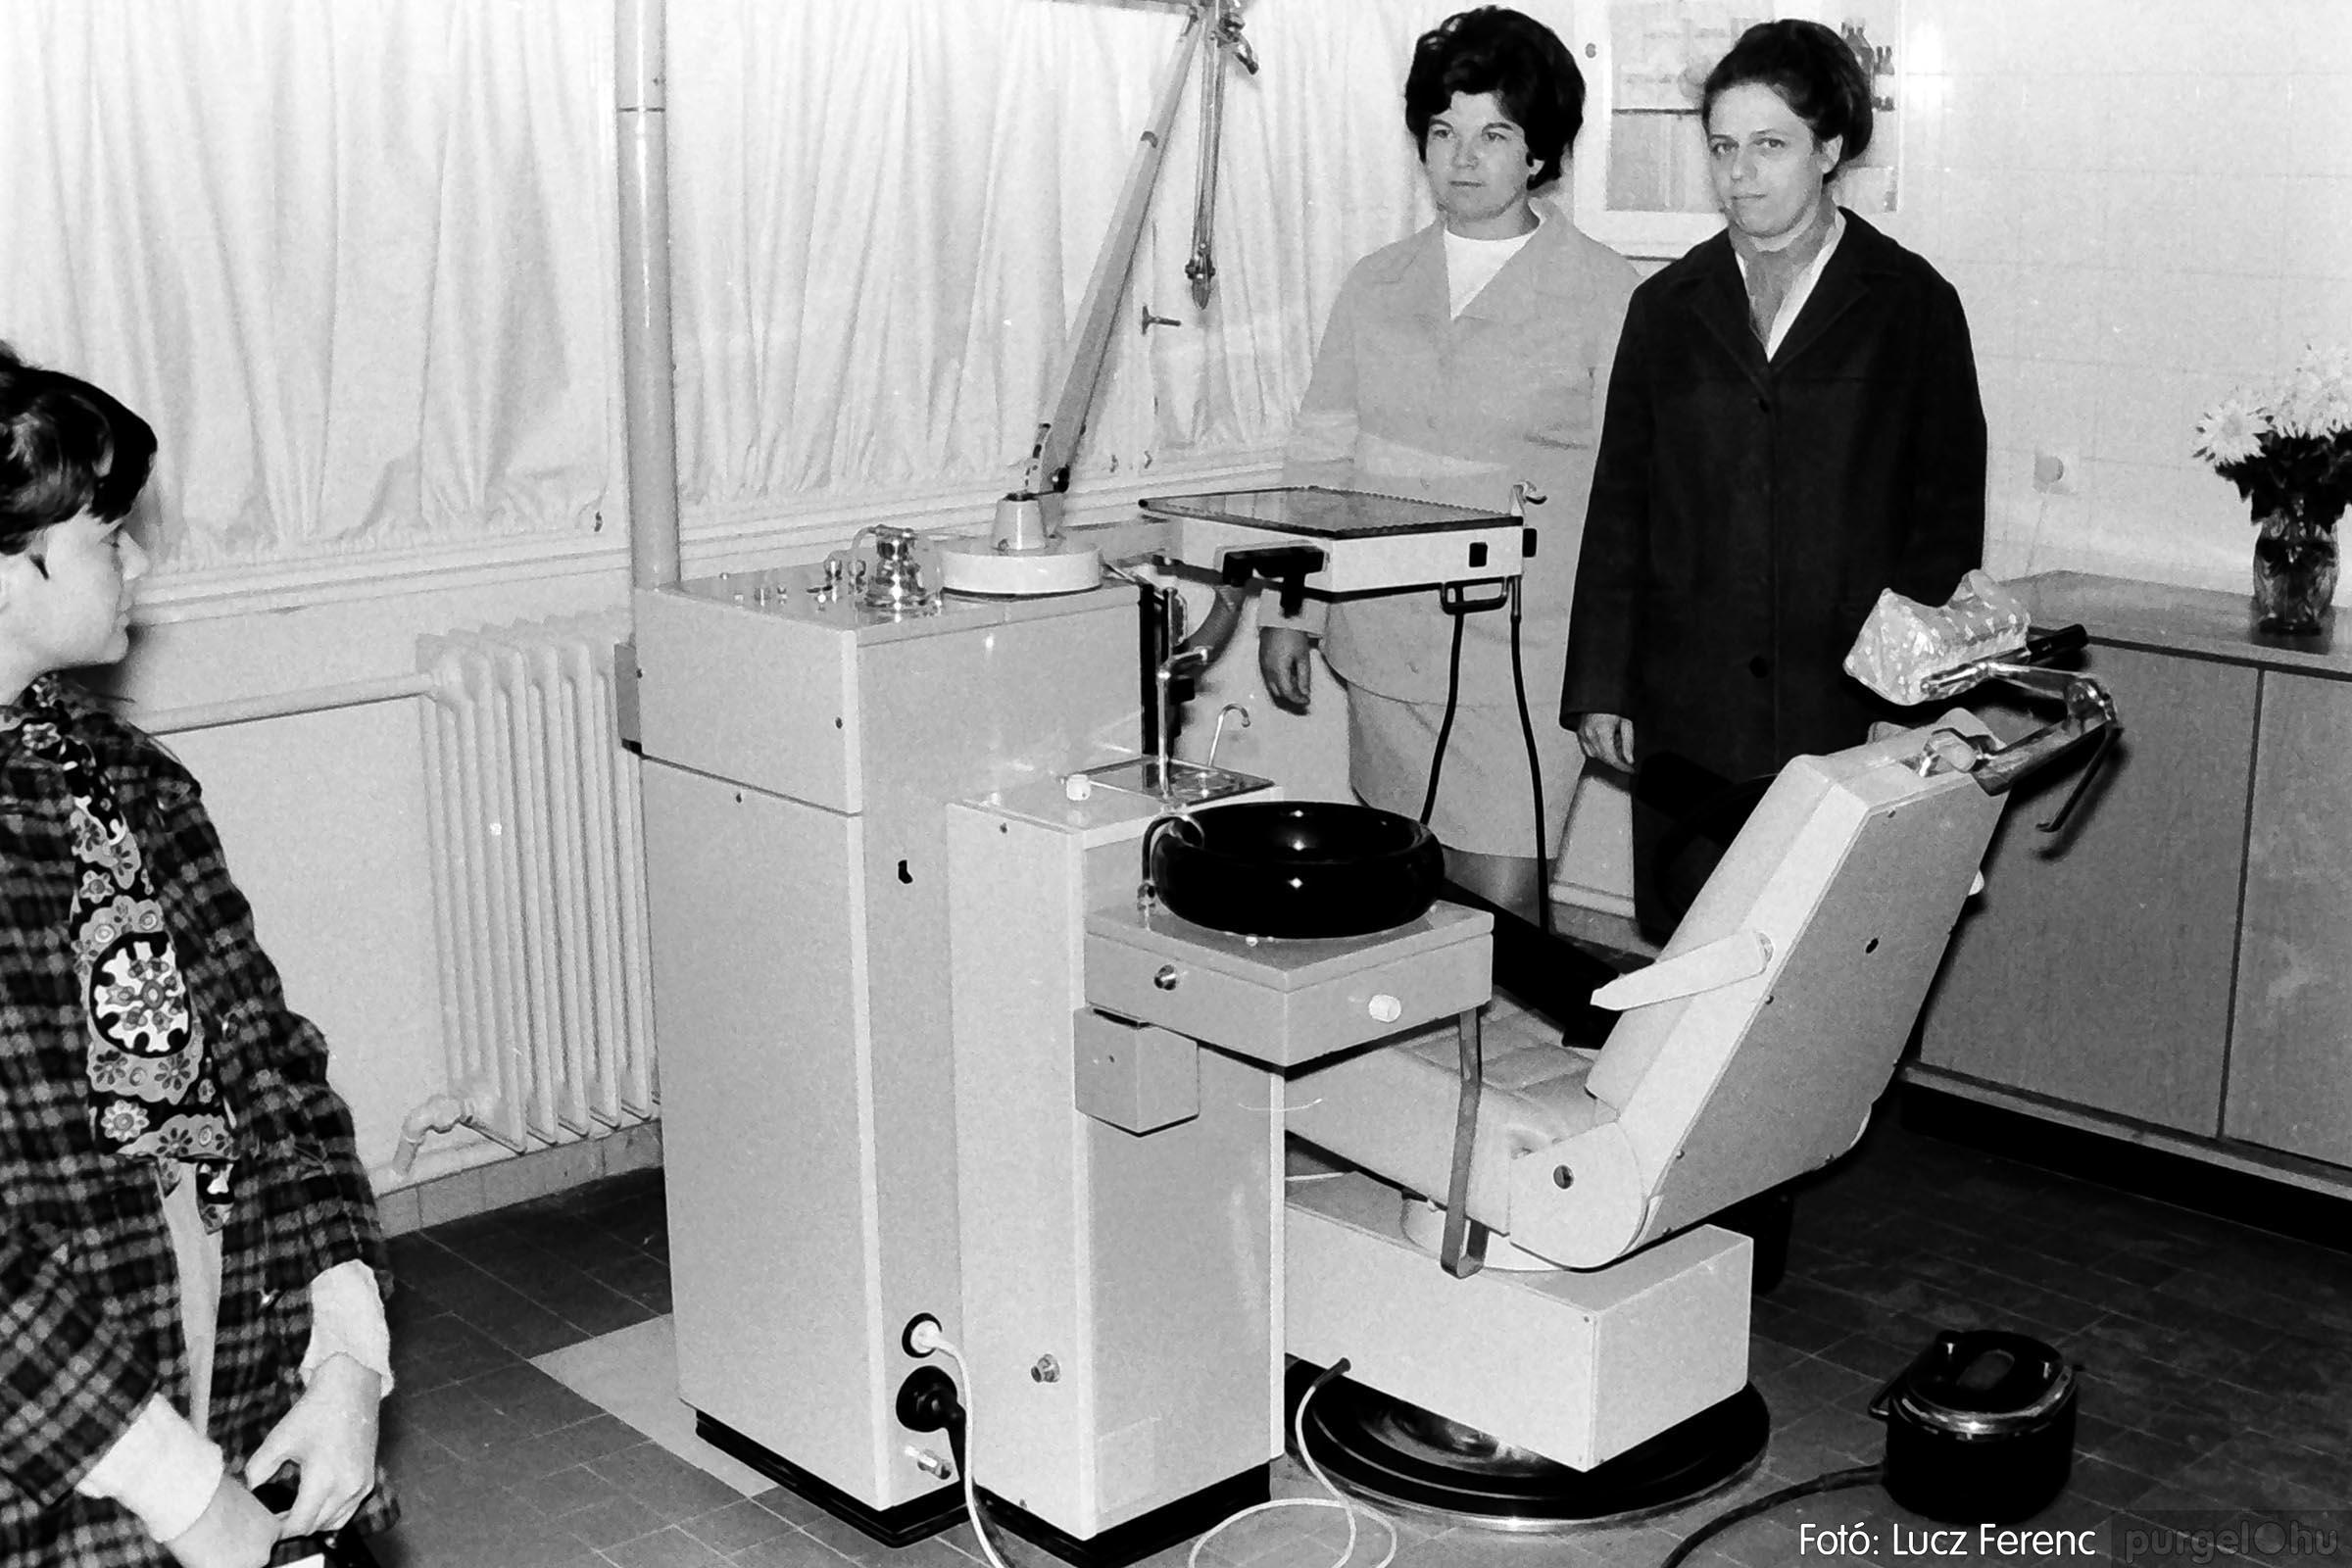 002 1970-es évek - Orvosi rendelő épületének átadása 025 - Fotó: Lucz Ferenc - IMG01123q.jpg